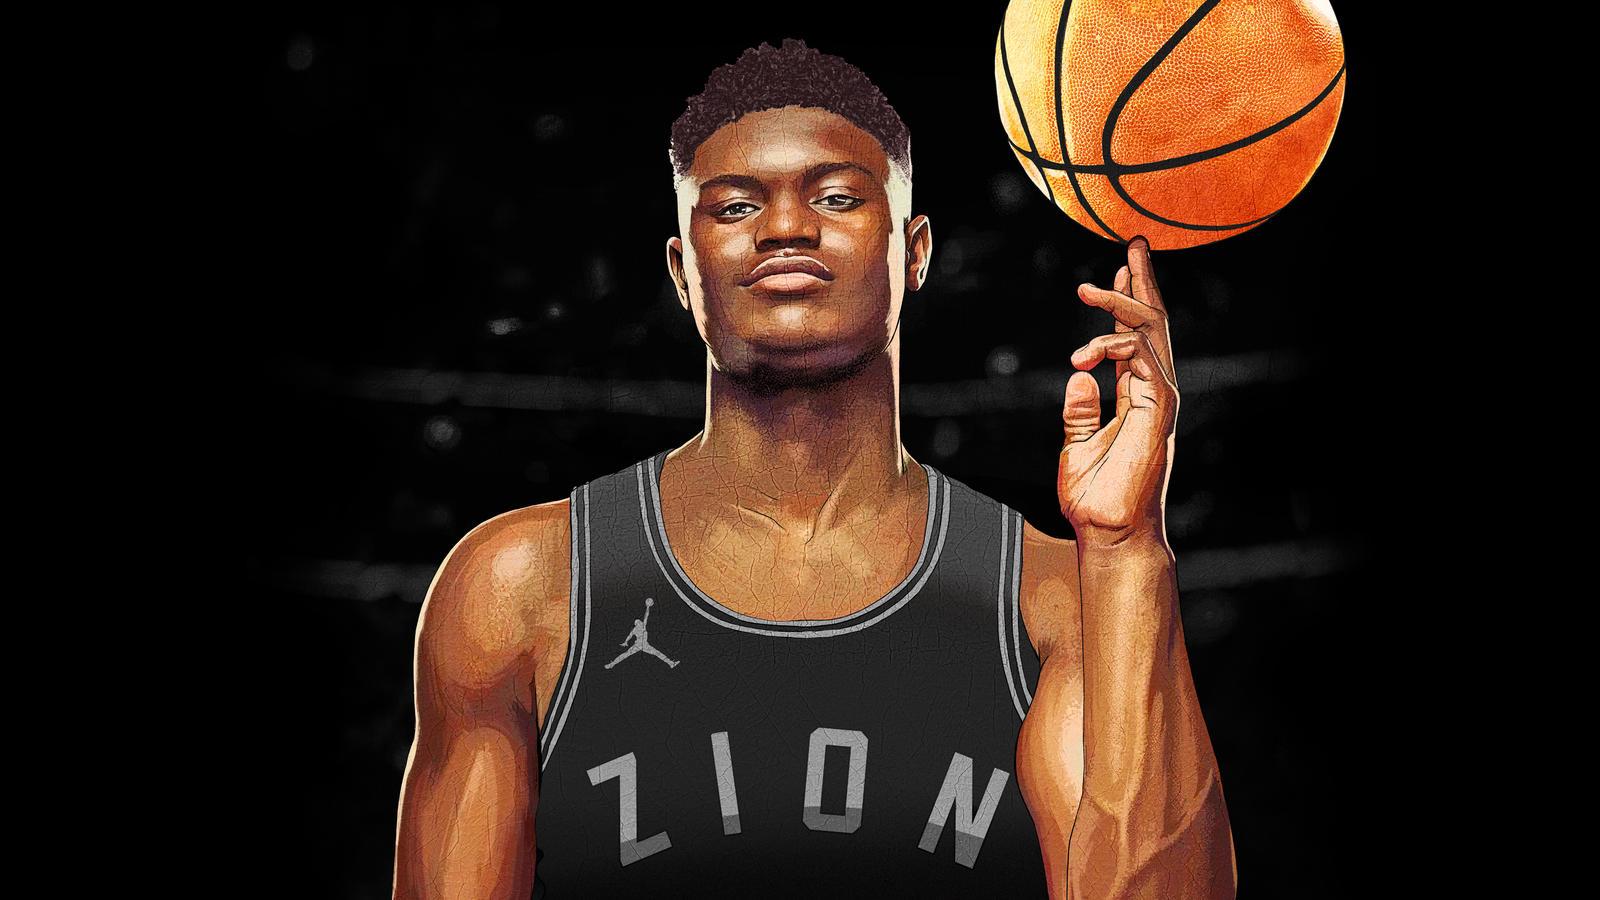 ジョーダン ブランド<br>NBAドラフト1位ザイオン・ウィリアムソンと契約